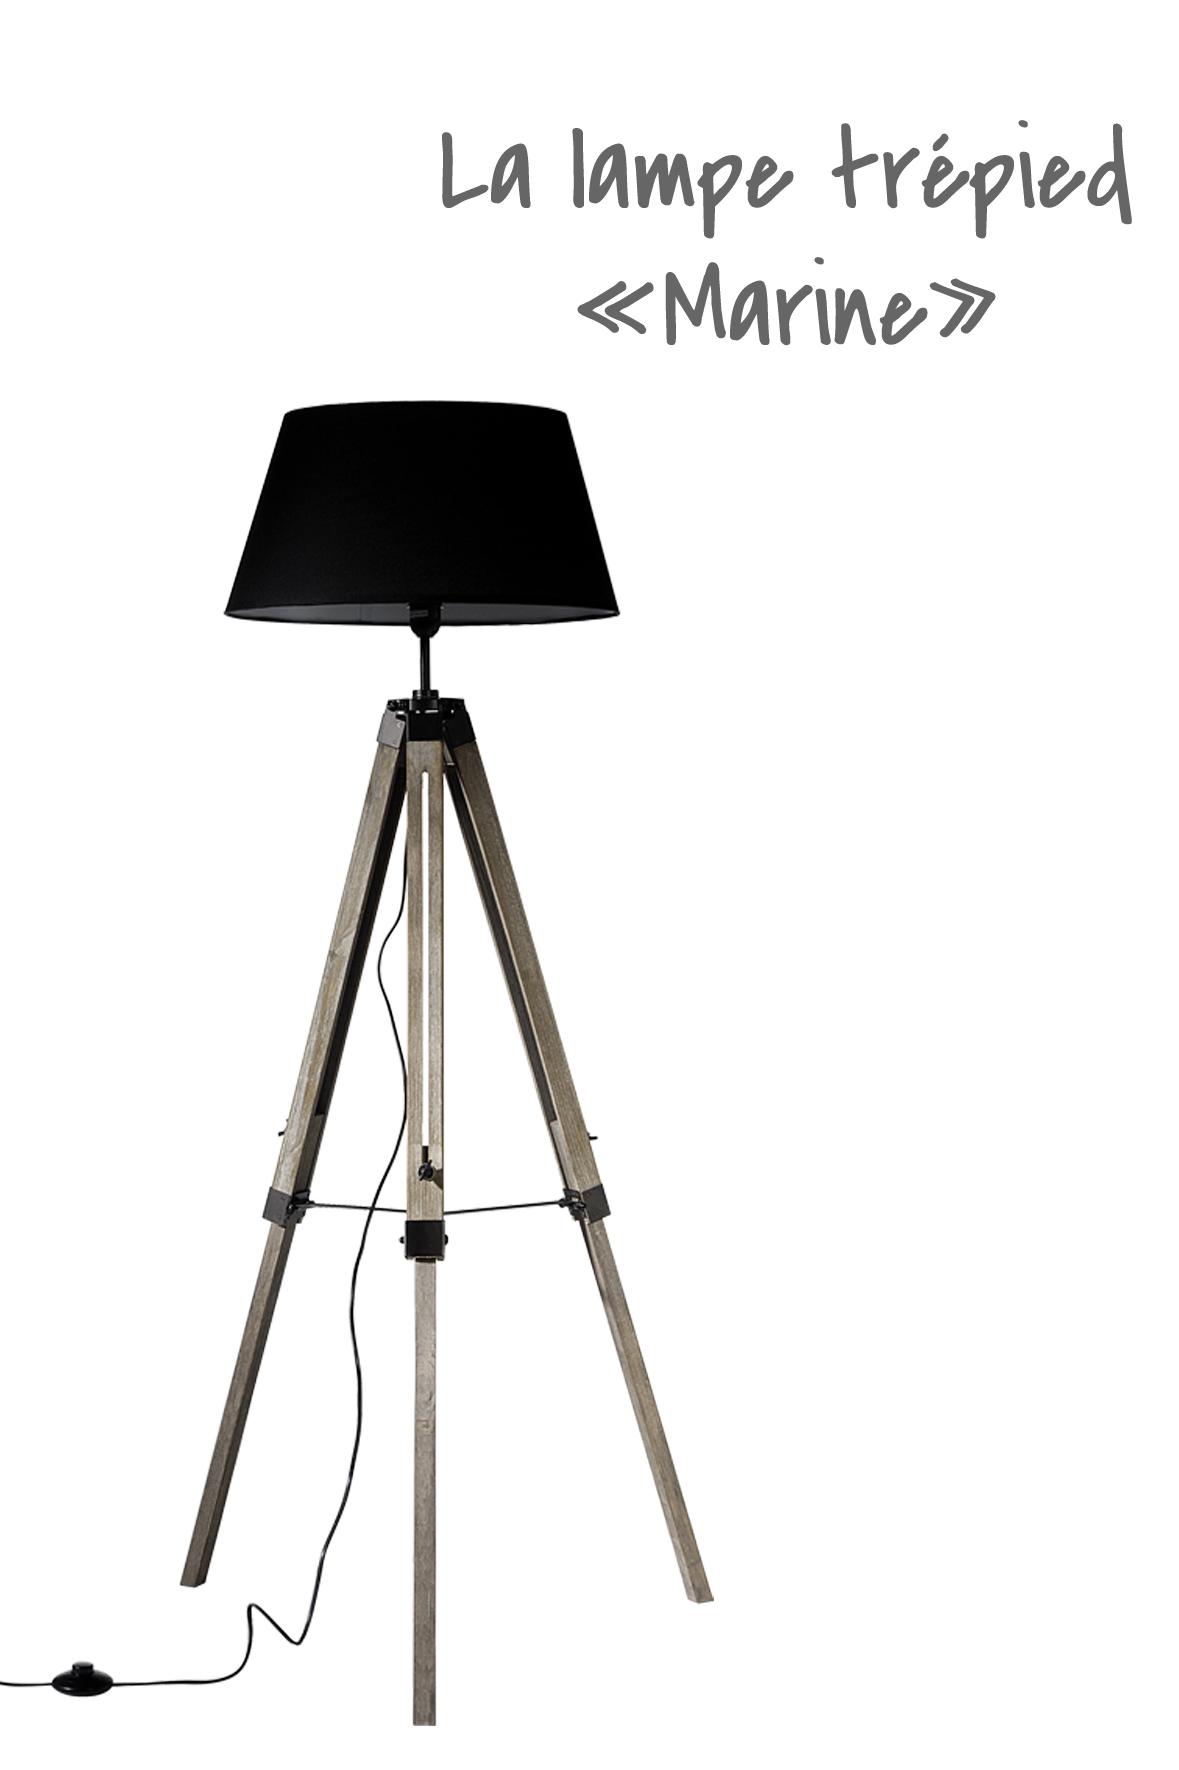 Lampe trépied marine